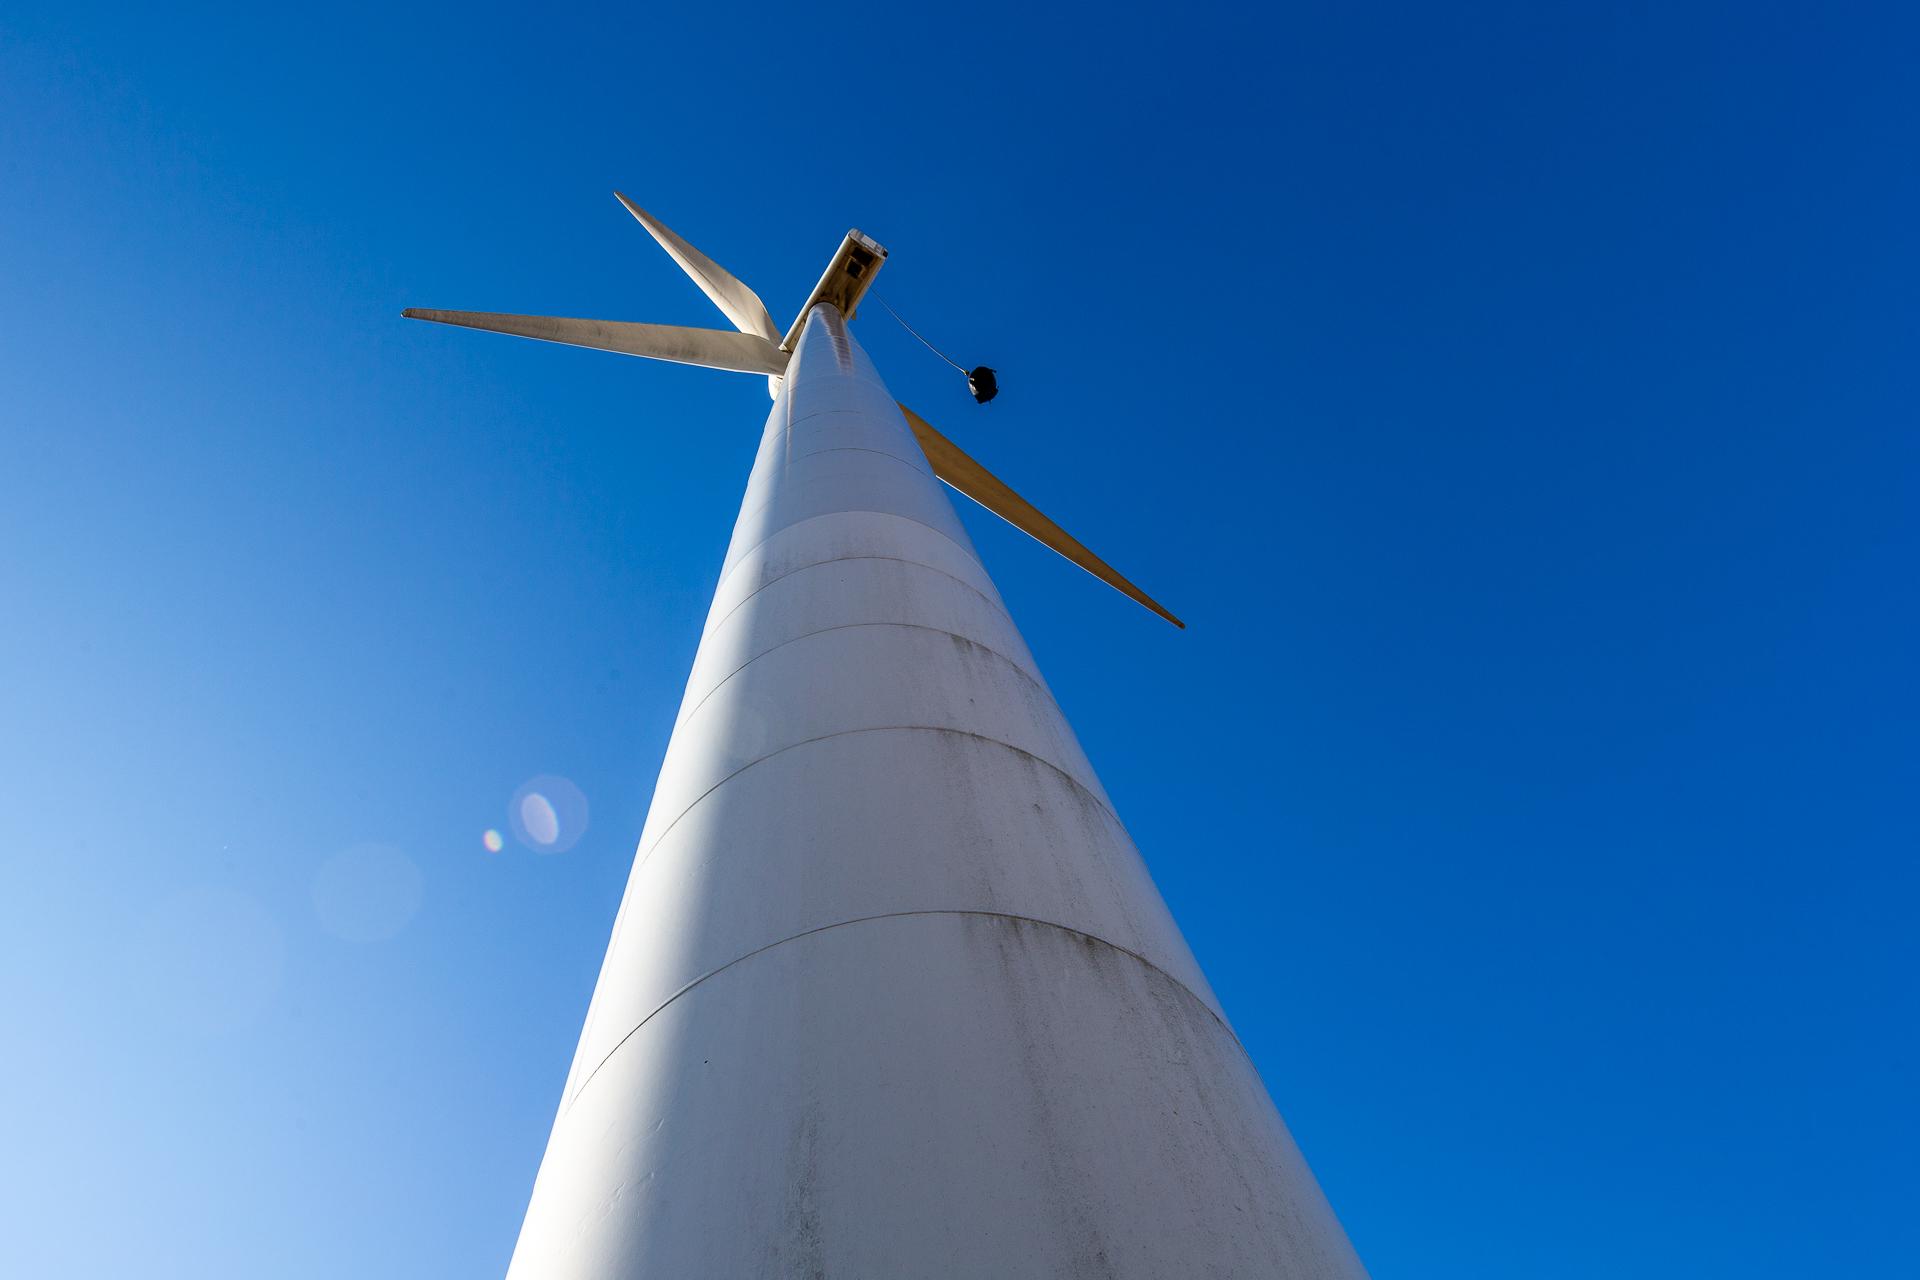 Kallista_Energy_Picardie_Omissy-4279©Stephane_Leroy.jpg